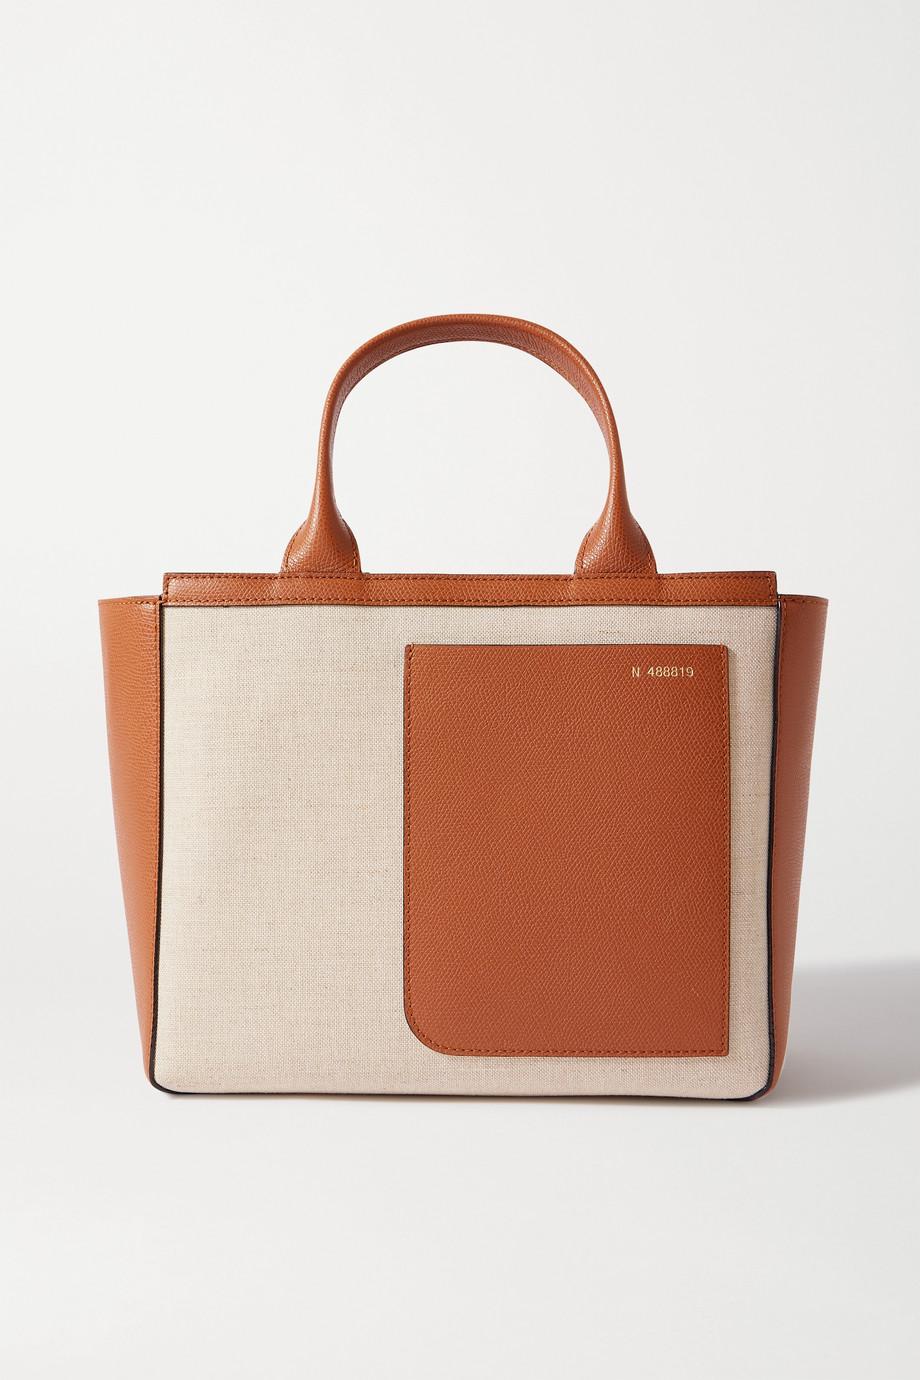 Valextra Sac à main en toile et en cuir texturé Shopping Mini